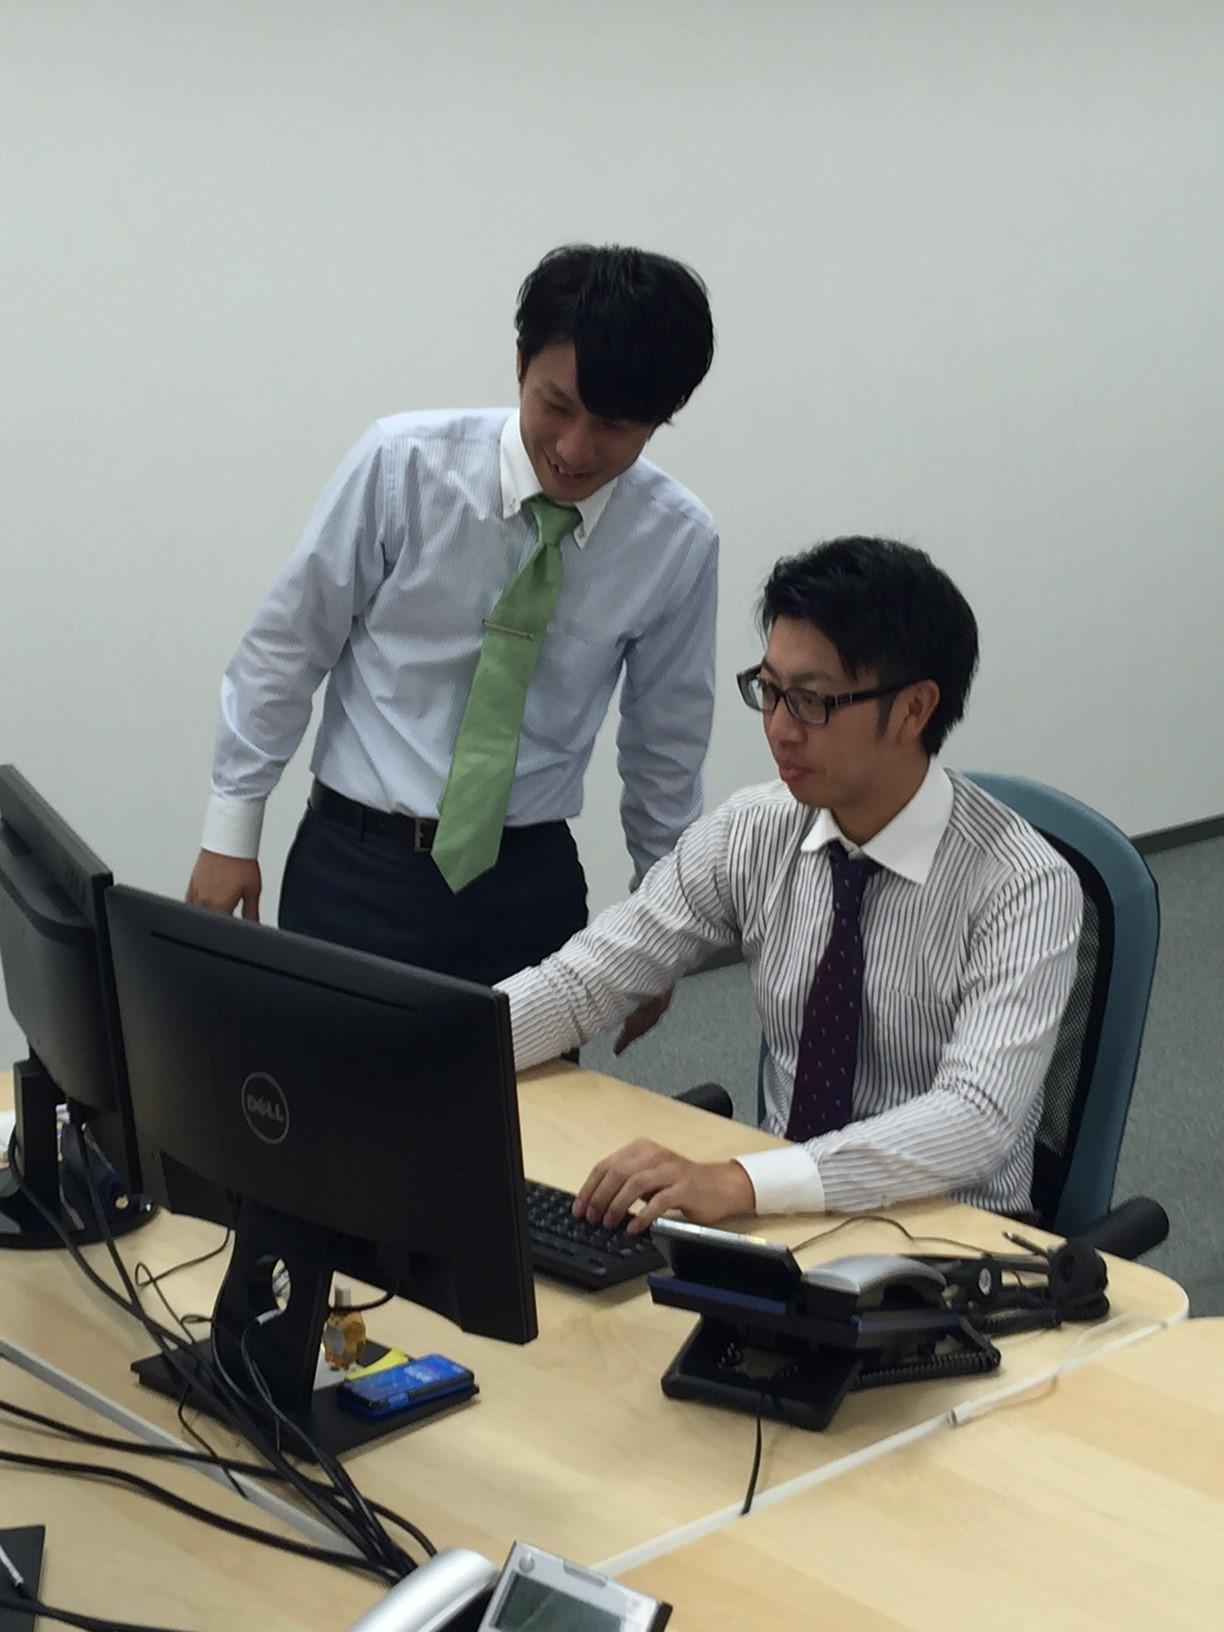 日本メディカル株式会社 仙台支社 のアルバイト情報